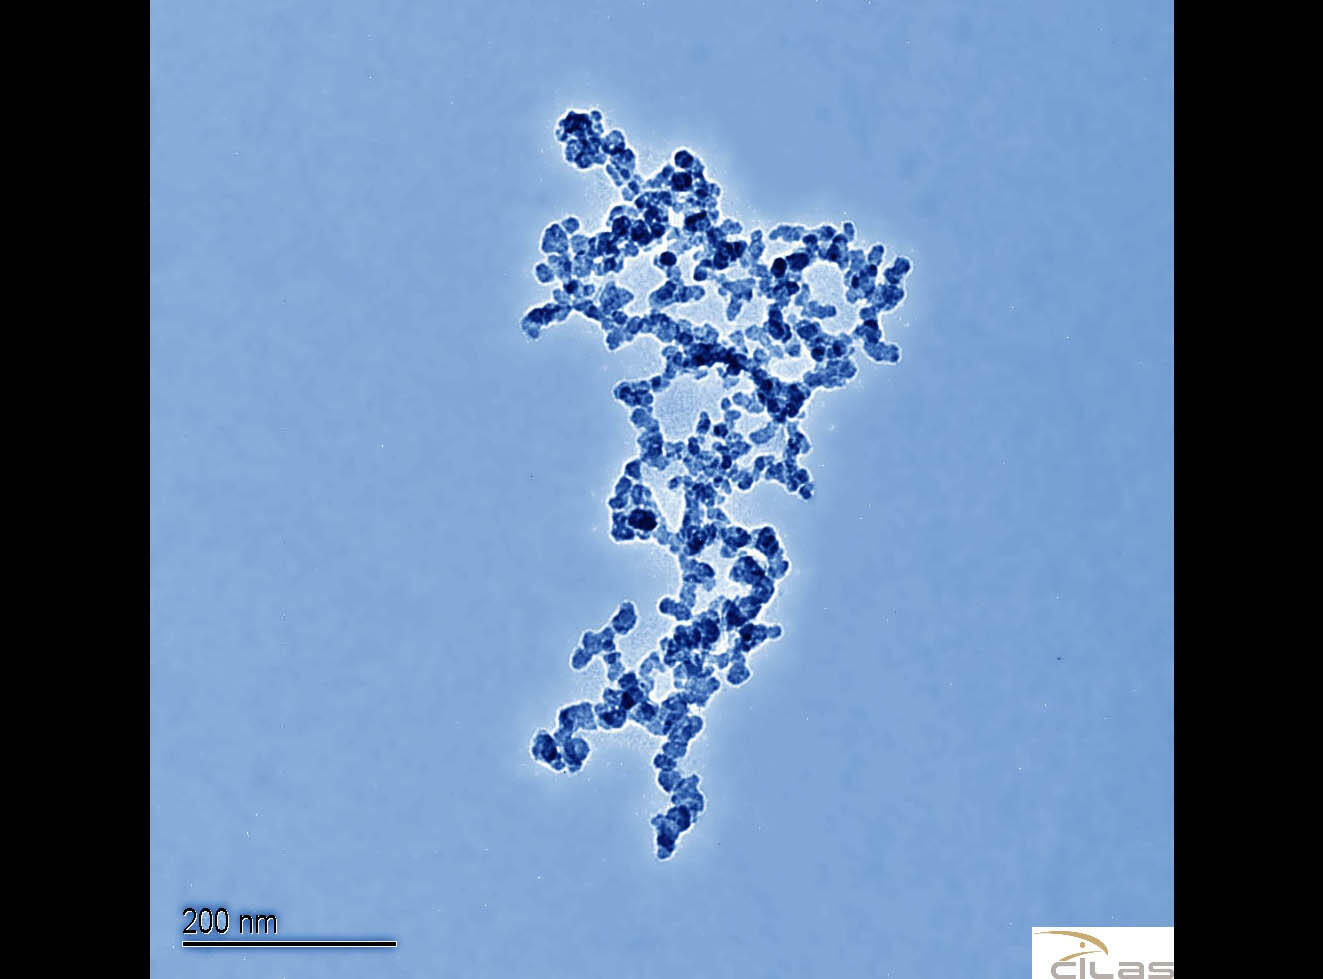 Les nano matériaux, plus petits que microscopiques, sont présents dans de nombreux domaines.